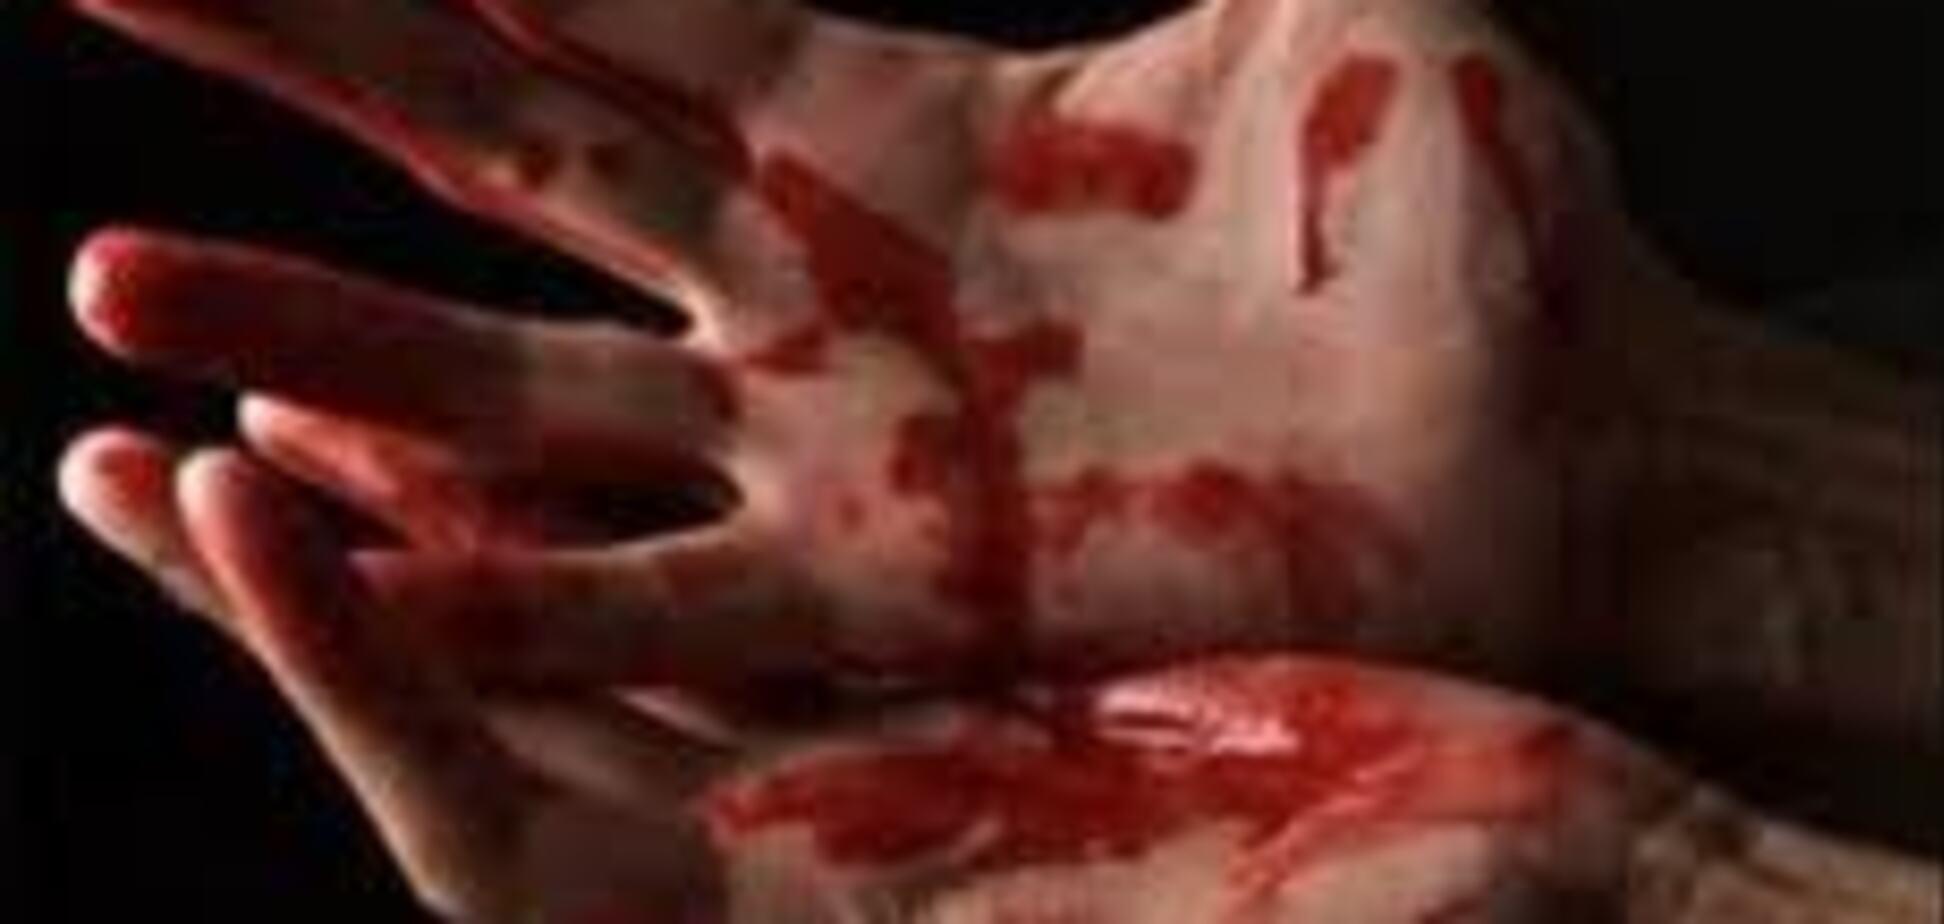 Судей заподозрили в намерении отомстить за убийство коллеги